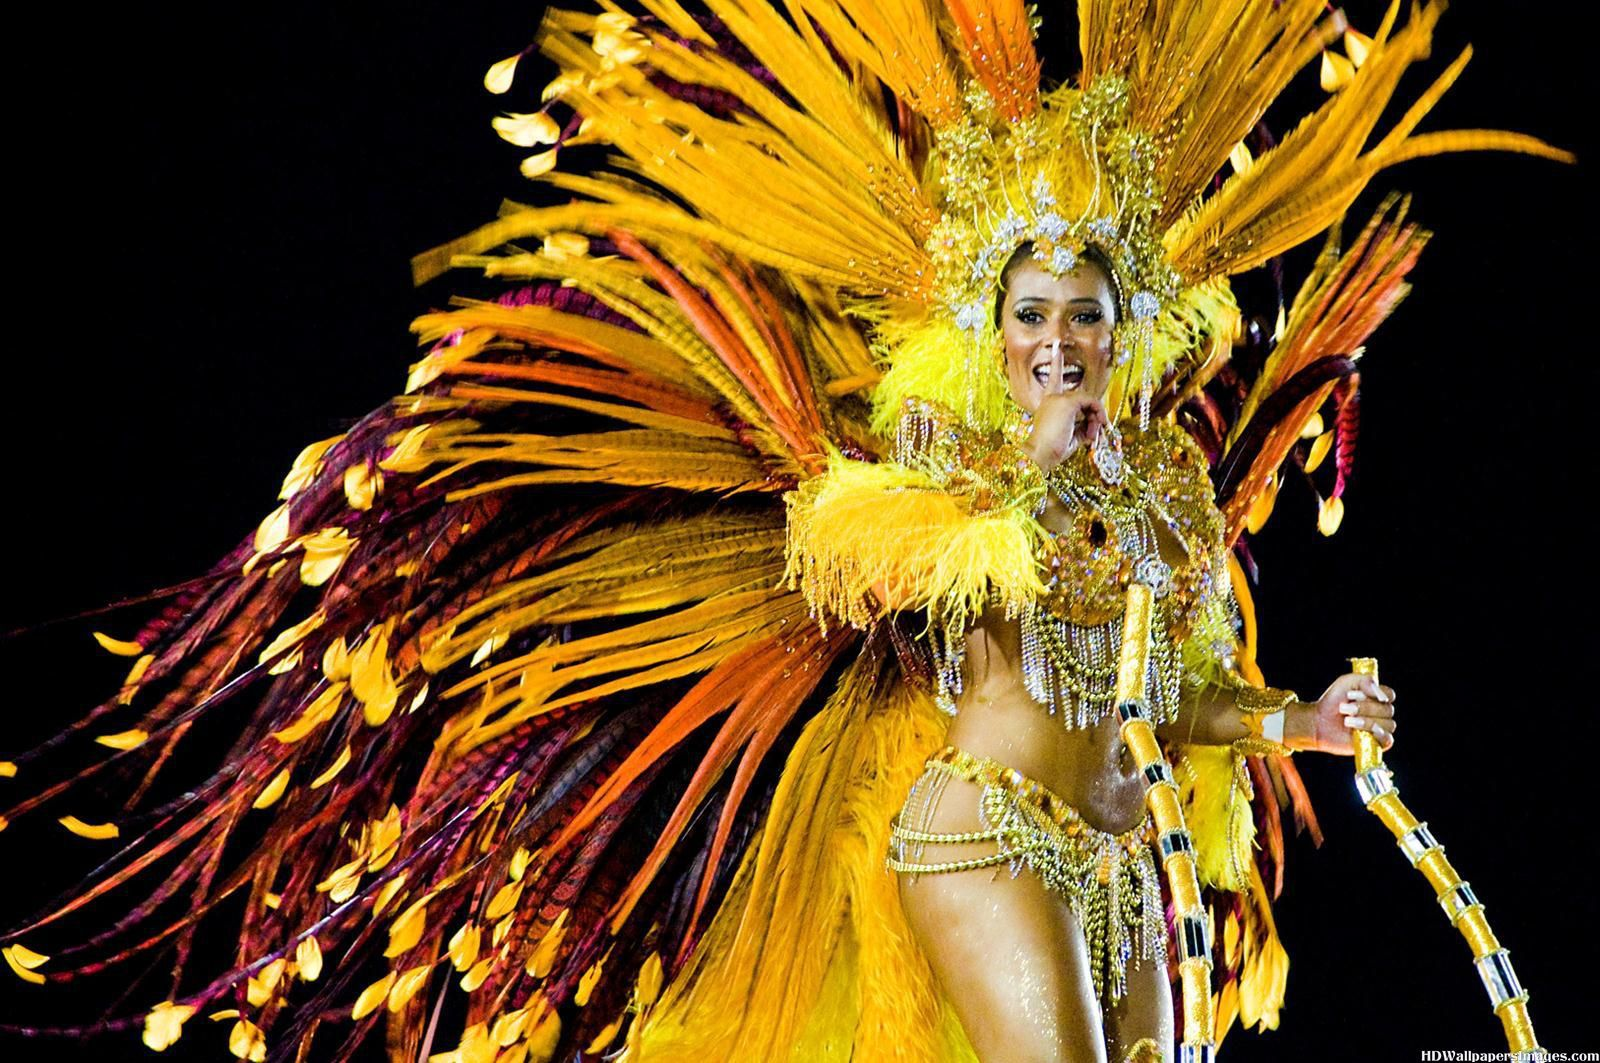 Carnaval de gualeguaychu video mejorado - 1 7